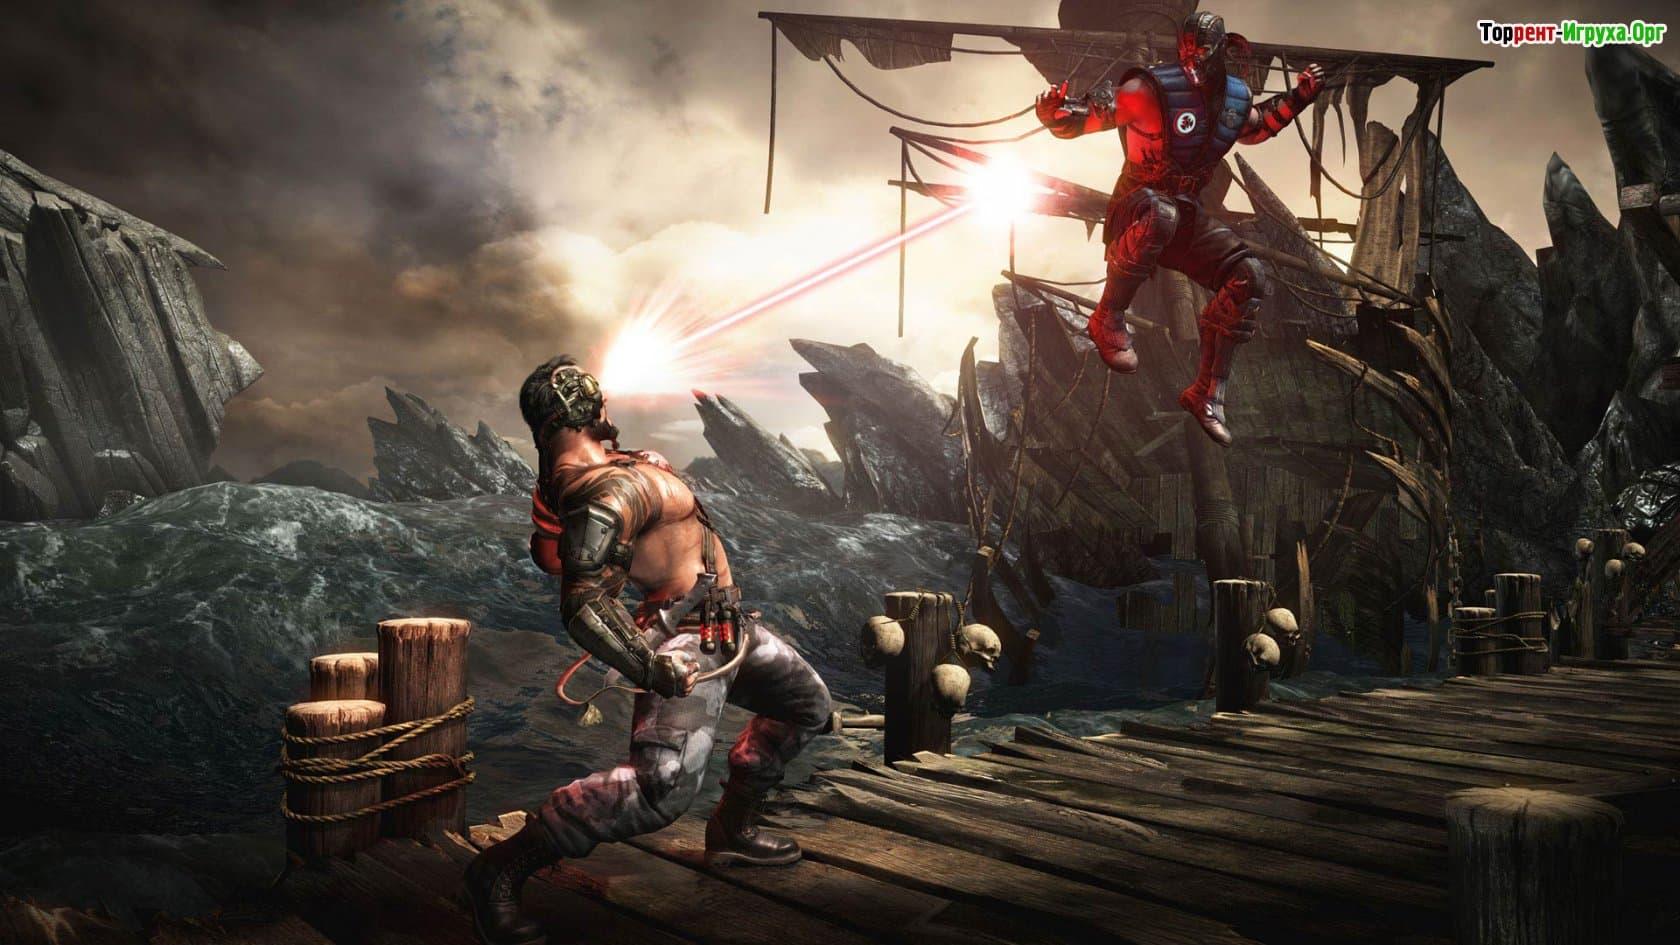 Mortal kombat скачать на пк бесплатно